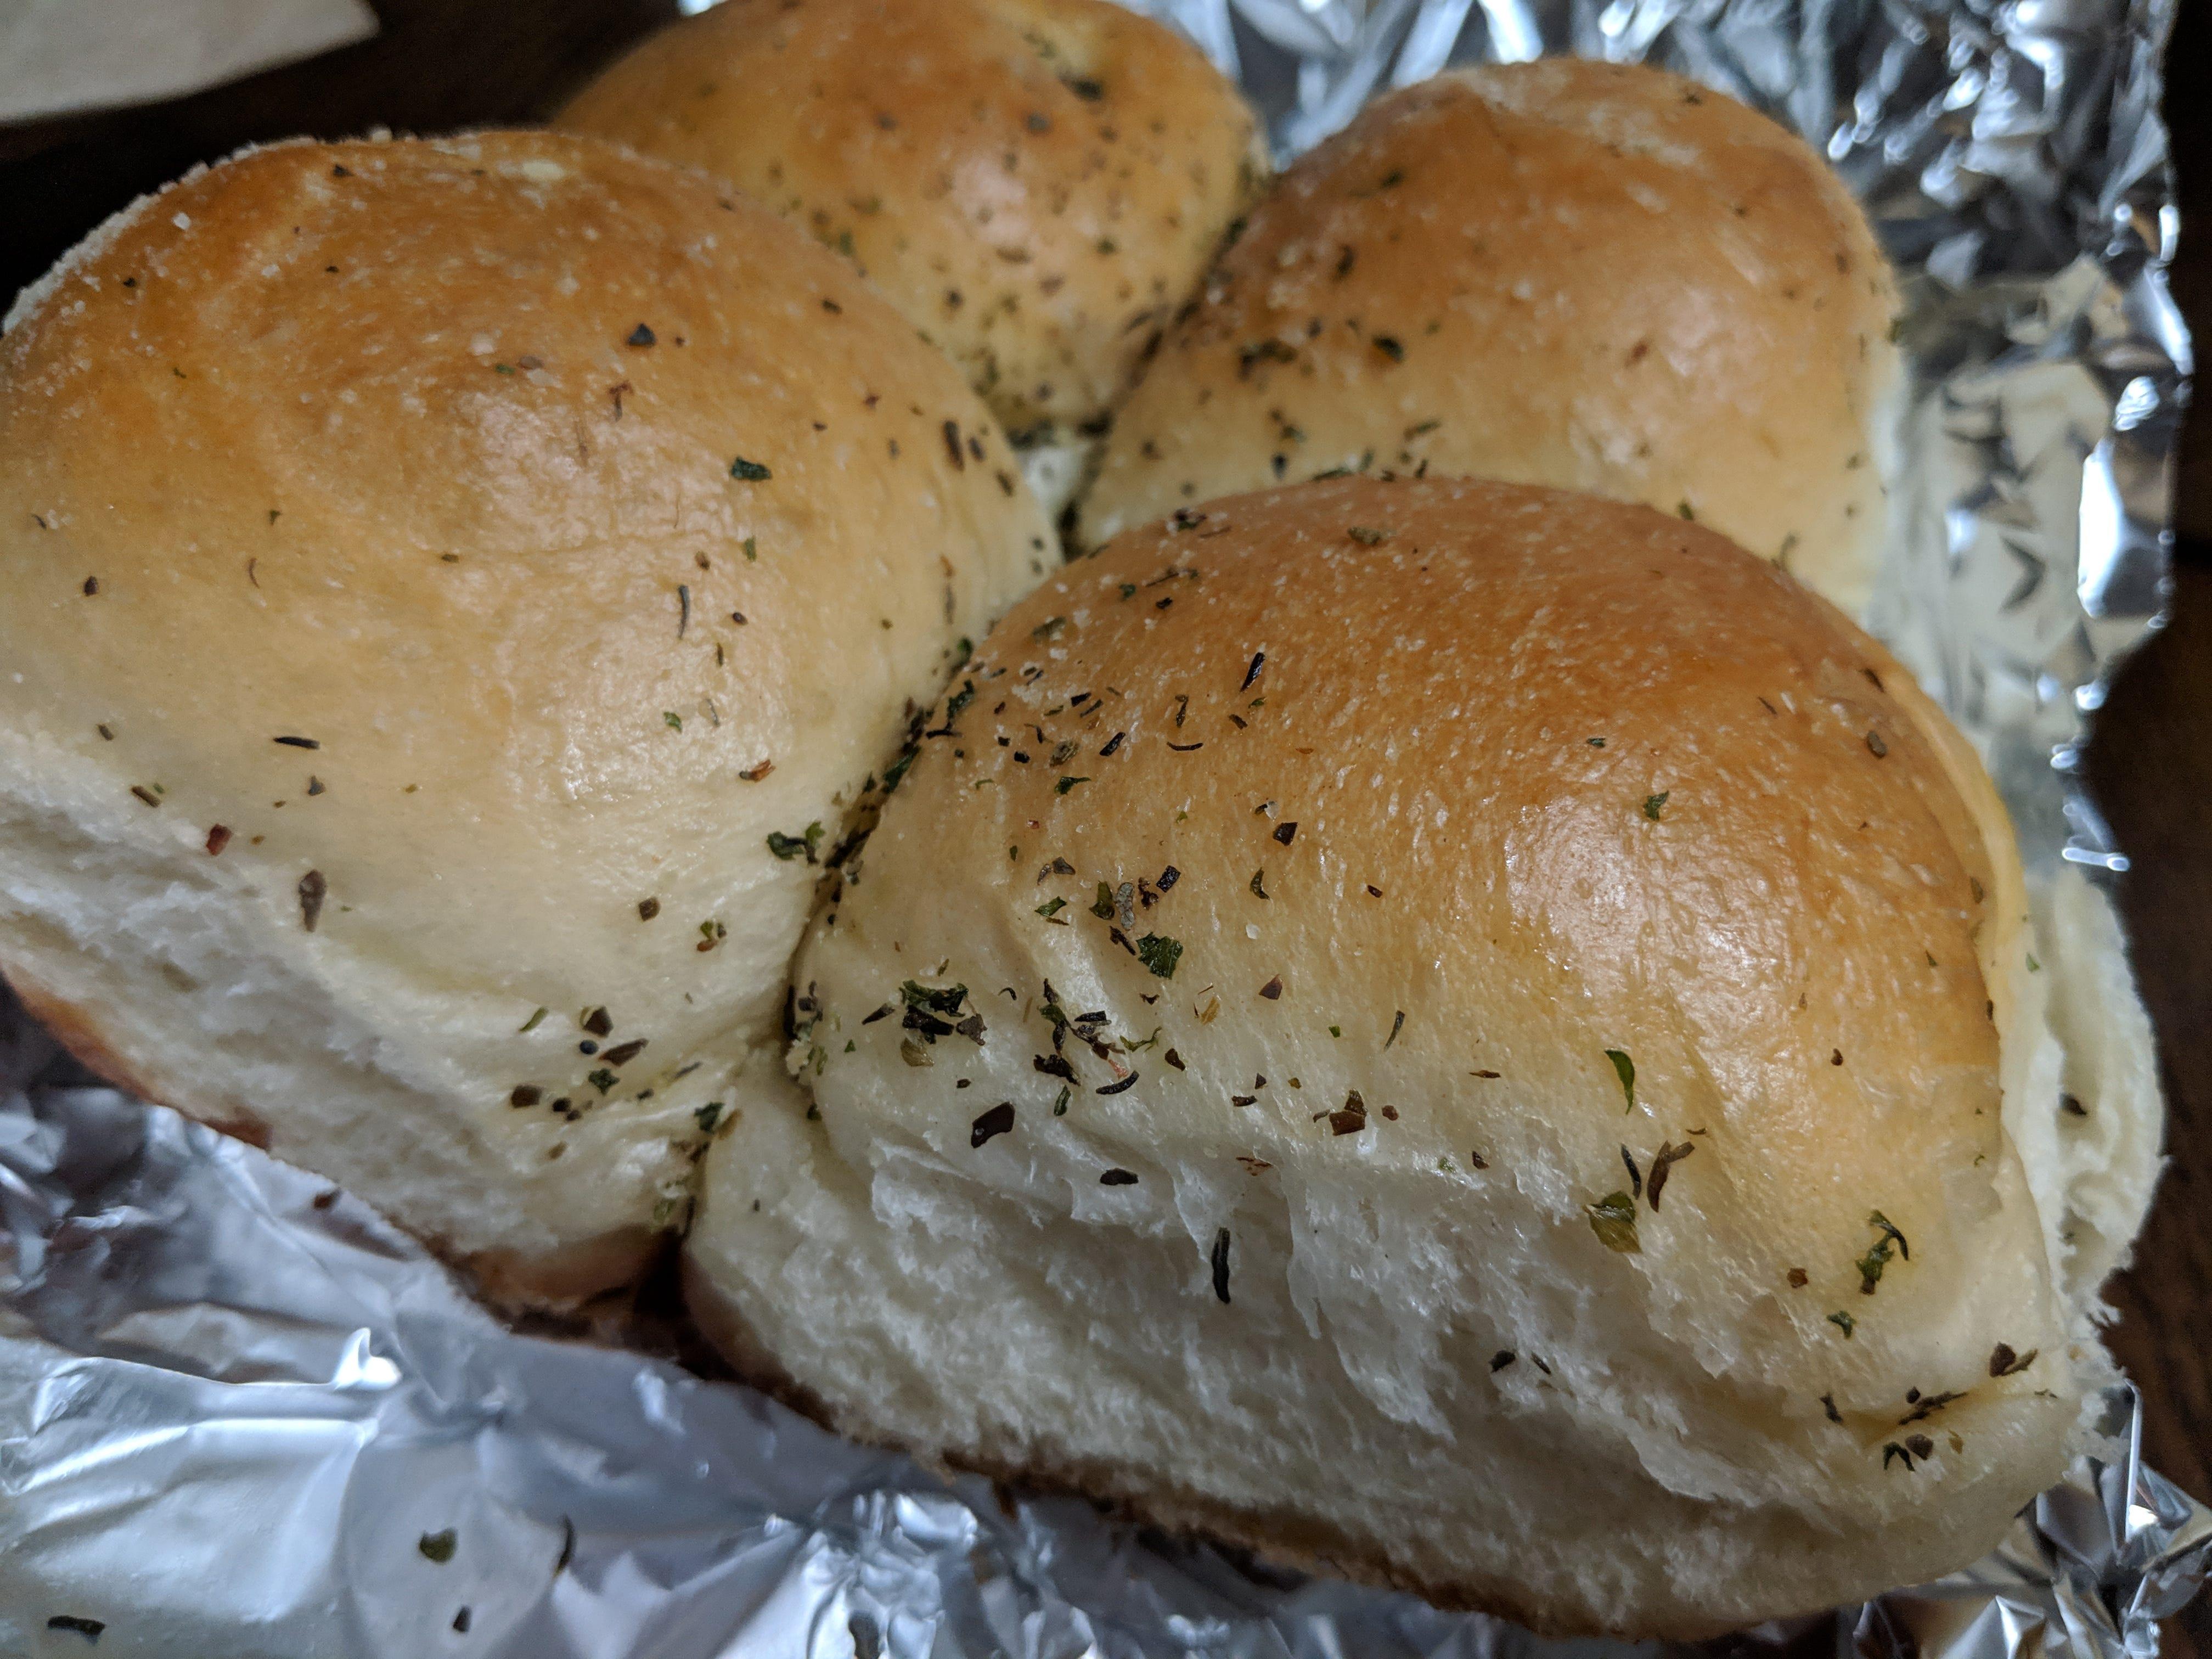 Garlic rolls at Napoli's Italian Restaurant.